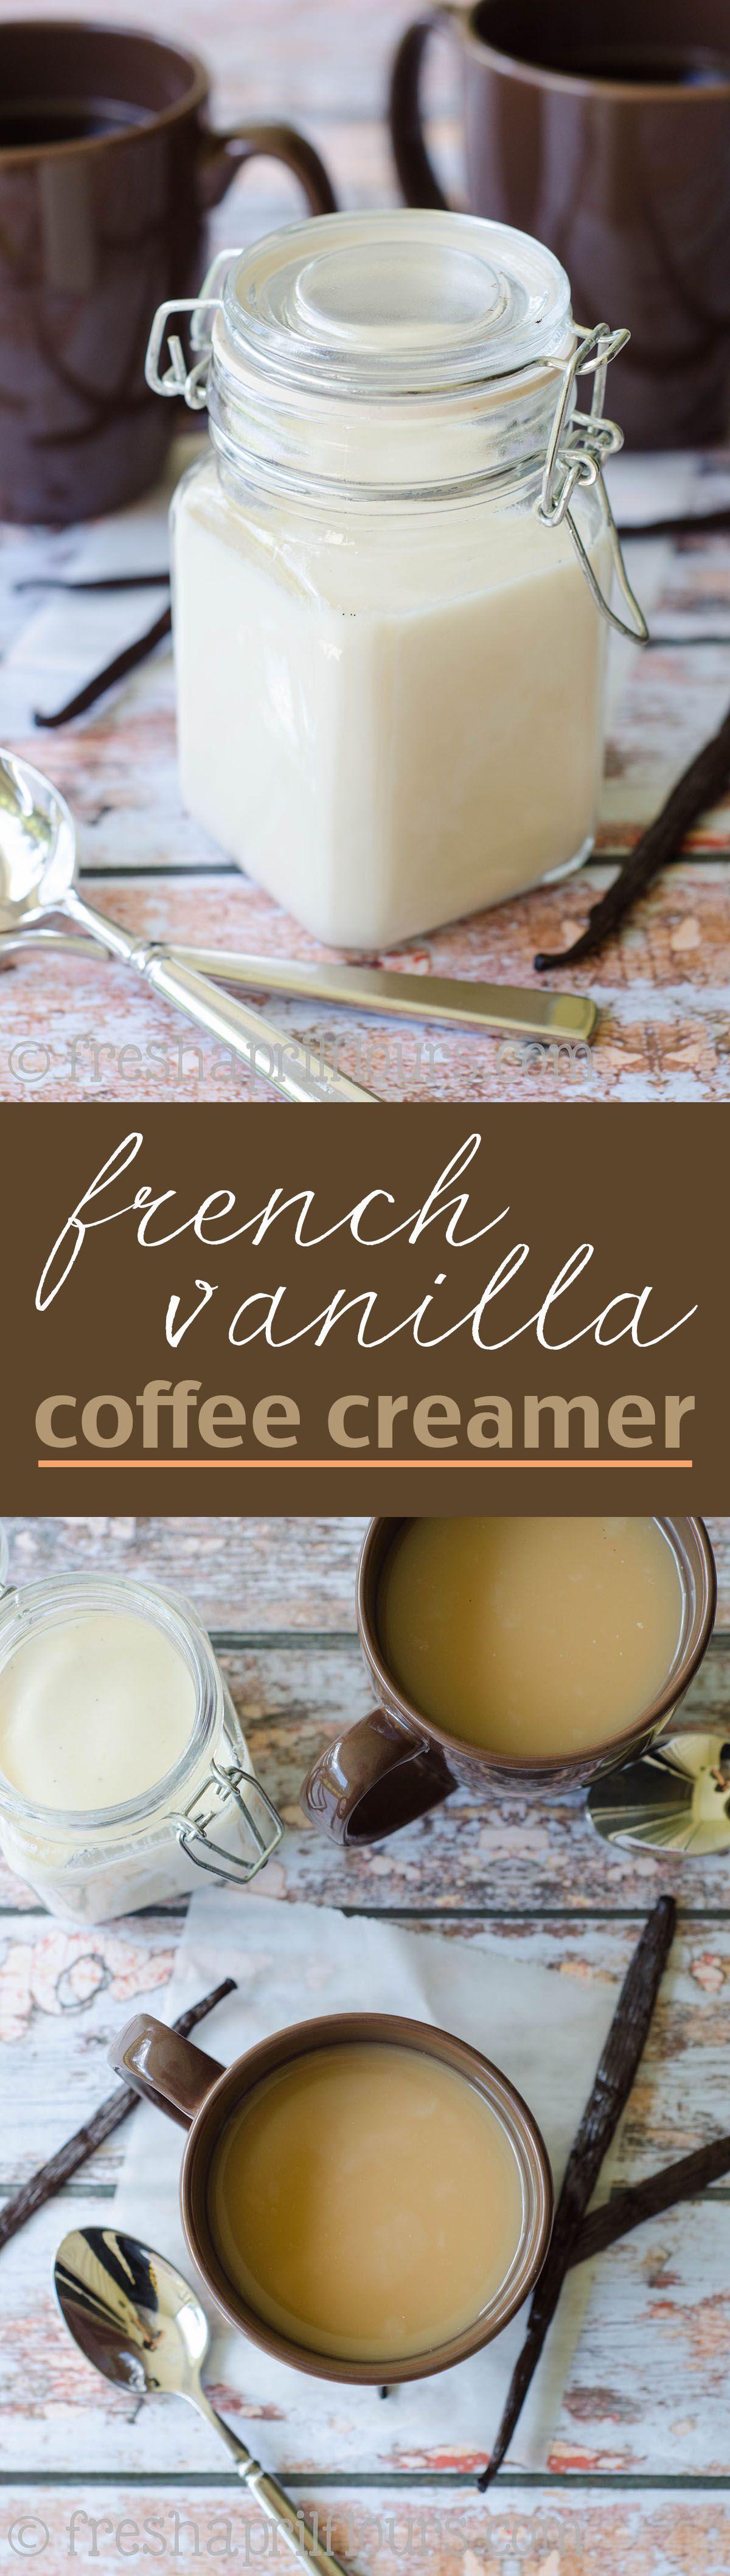 French Vanilla Coffee Creamer Recipe Vanilla coffee